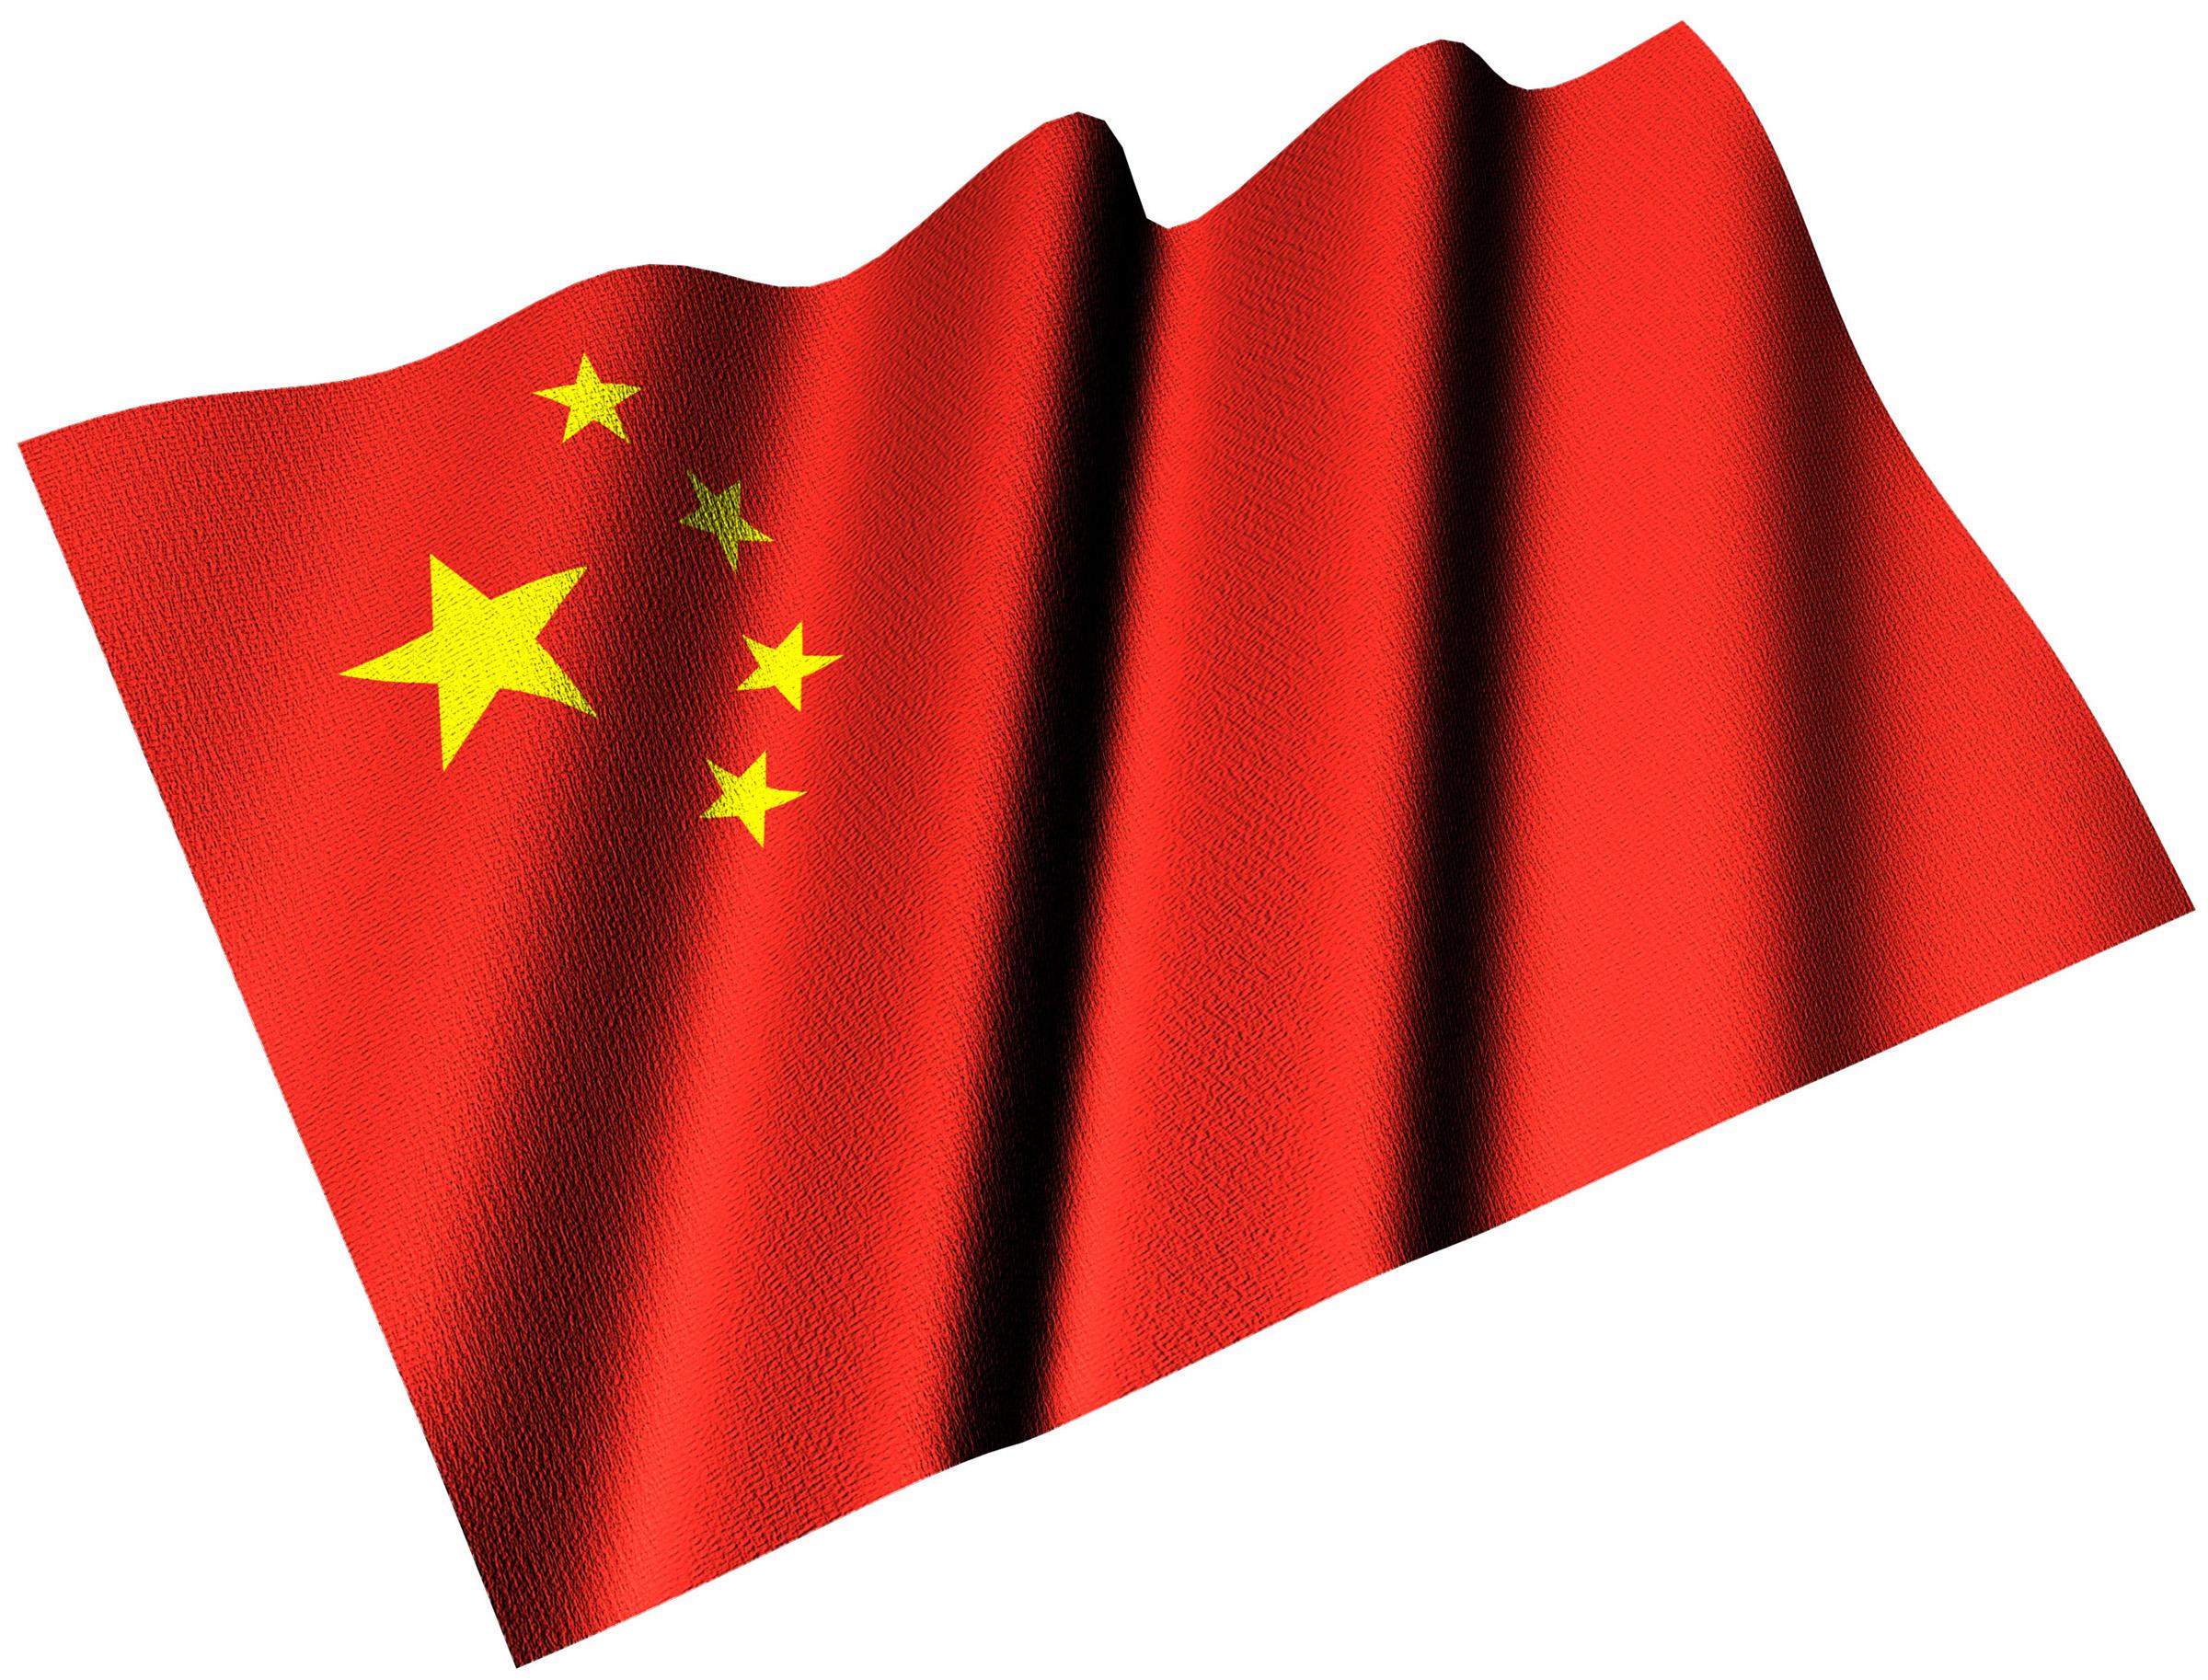 aquatech china, global water intelligence, forum